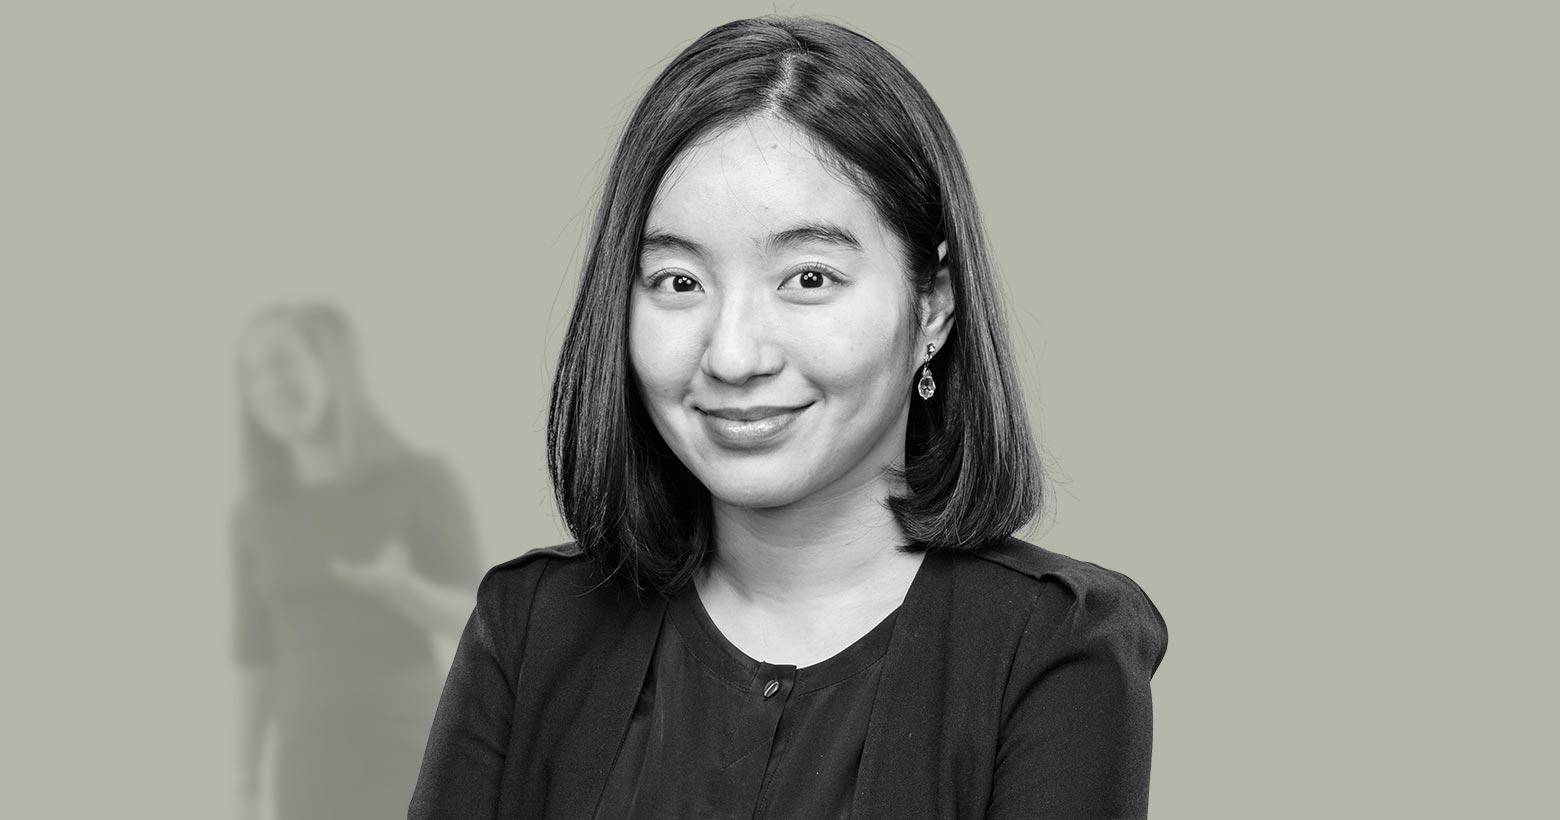 Joo Hyun Lee